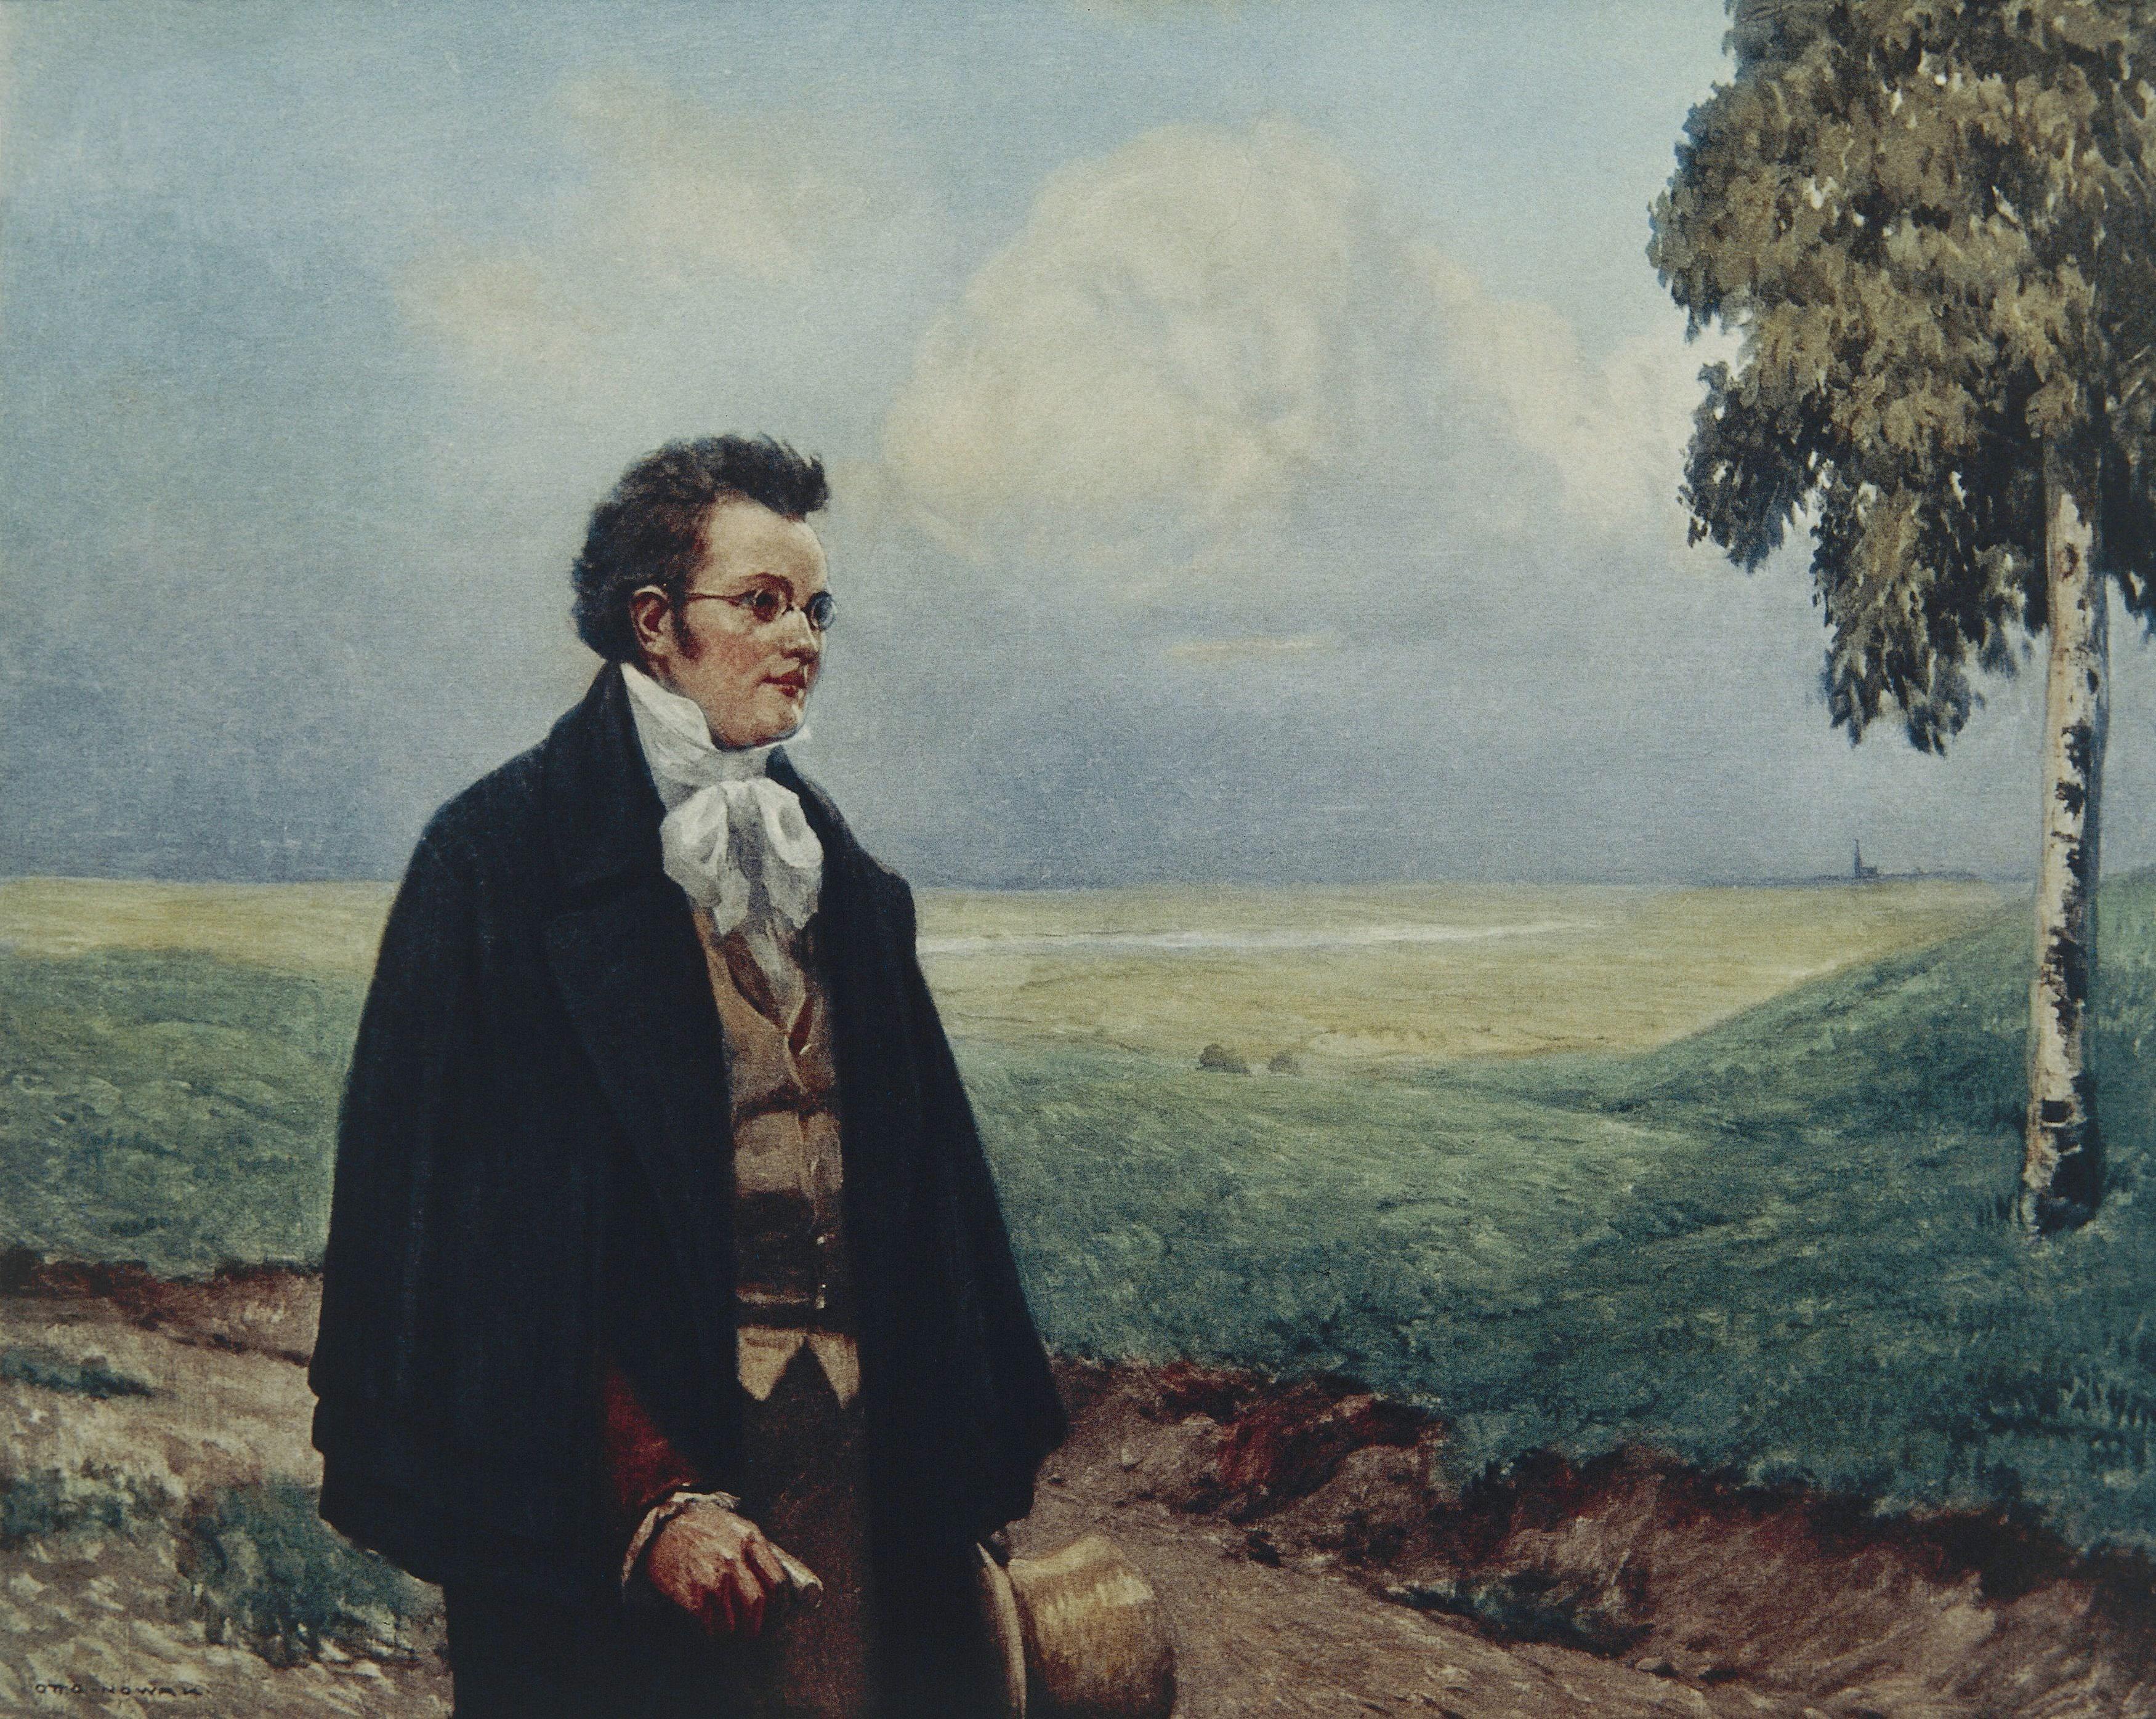 Franz Peter Schubert